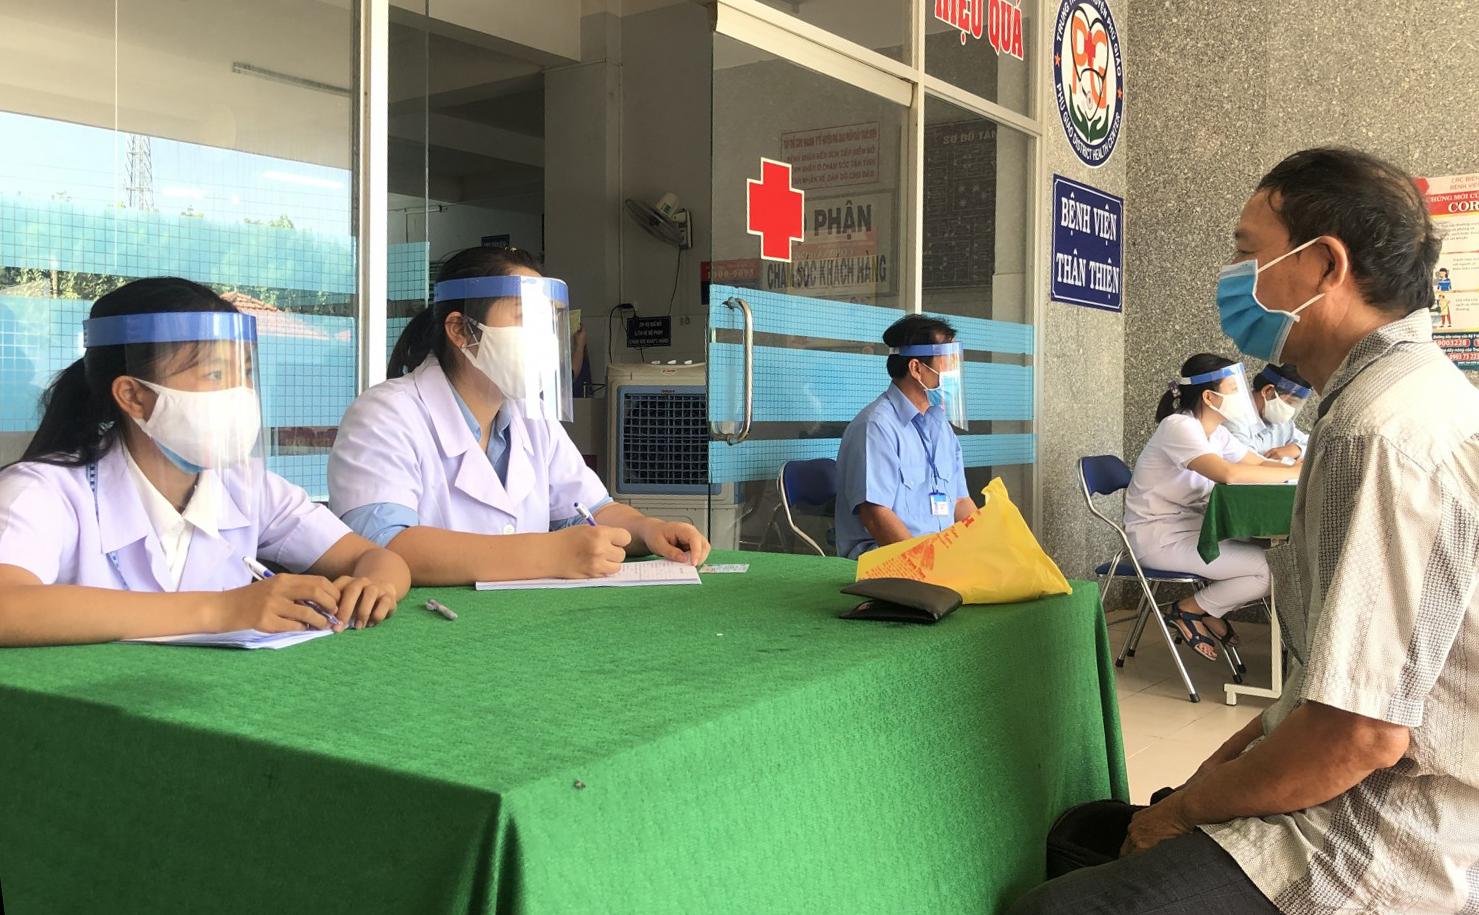 Trung tâm Y tế huyện Phú Giáo sàng lọc bệnh nhân covid-19. Ảnh: Báo Bình Dương